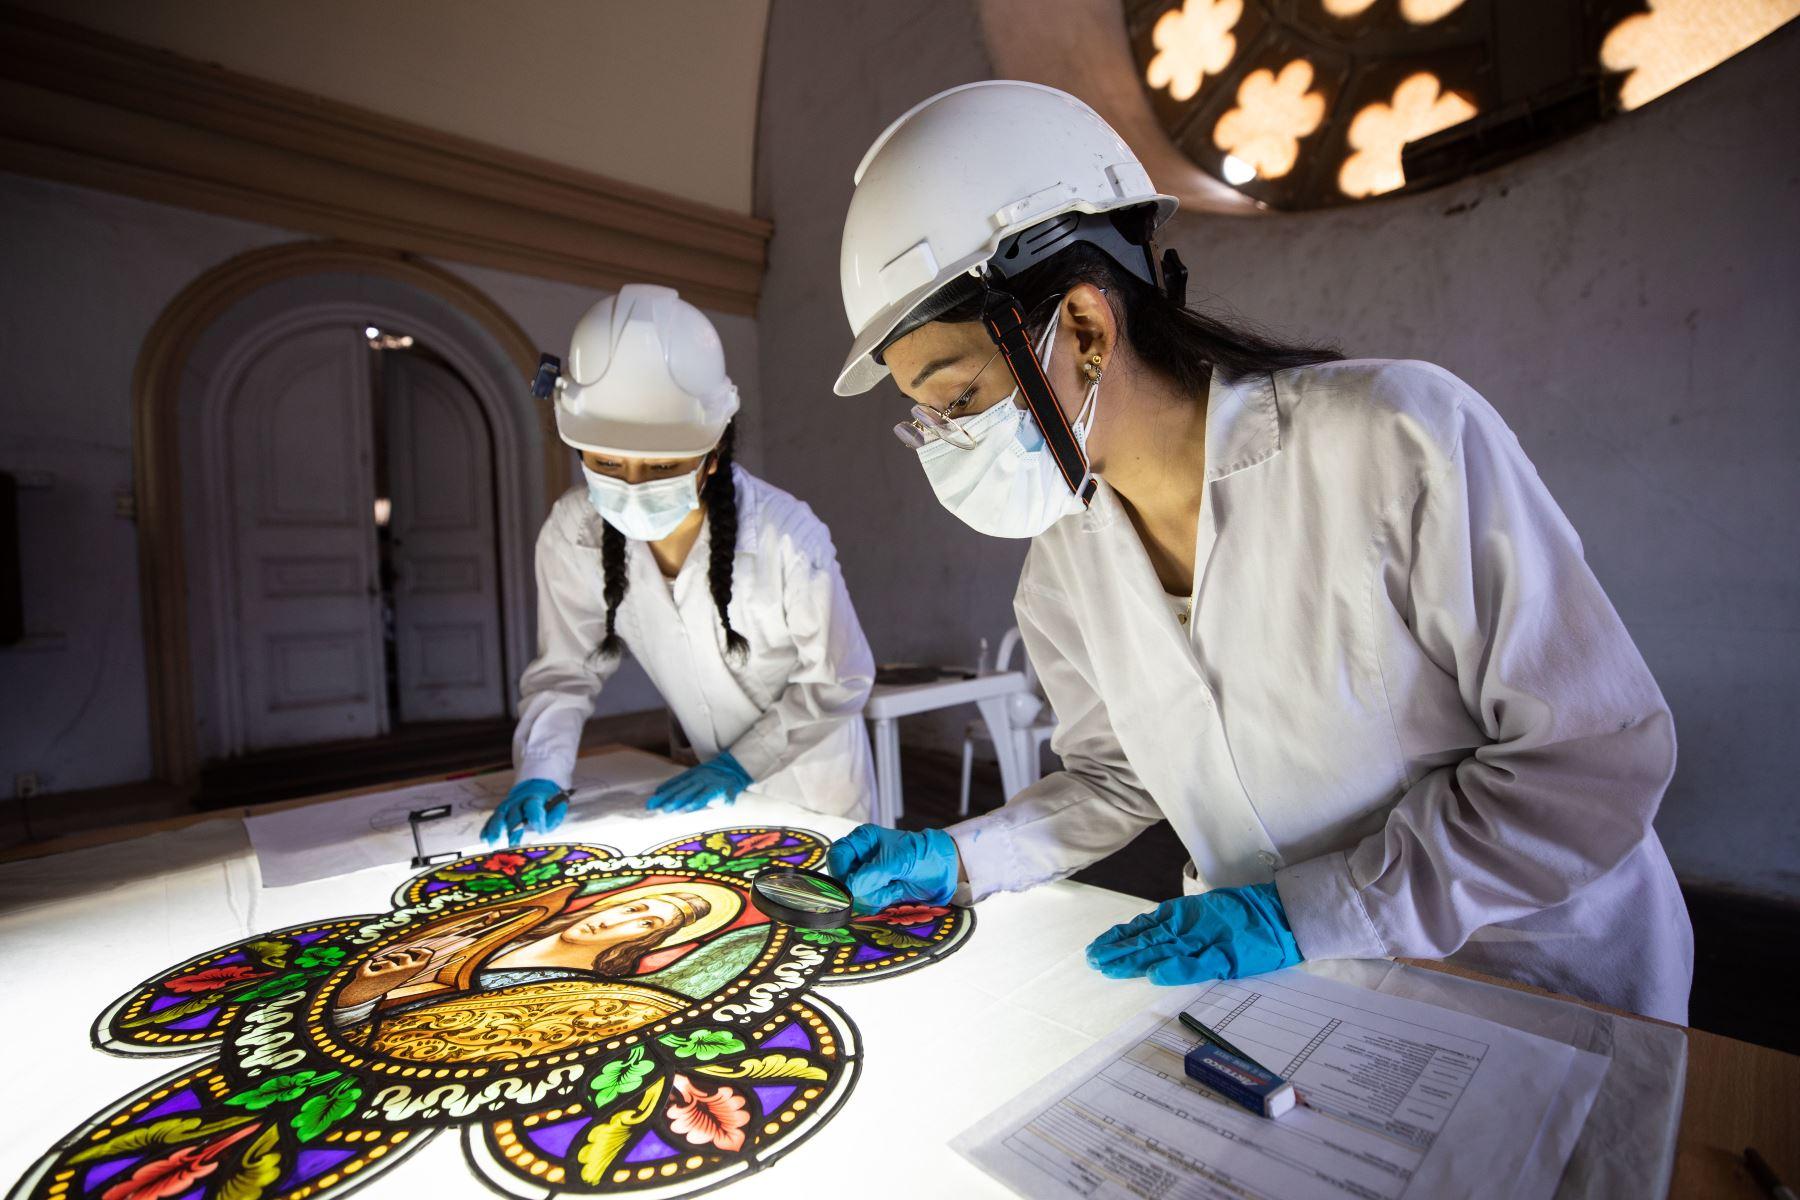 El Alcalde de Lima, Jorge Muñoz supervisa los avances de recuperación de la parroquia y convento de Los Sagrados Corazones de La Recoleta, en el cercado de Lima. Foto: ANDINA/ MLM